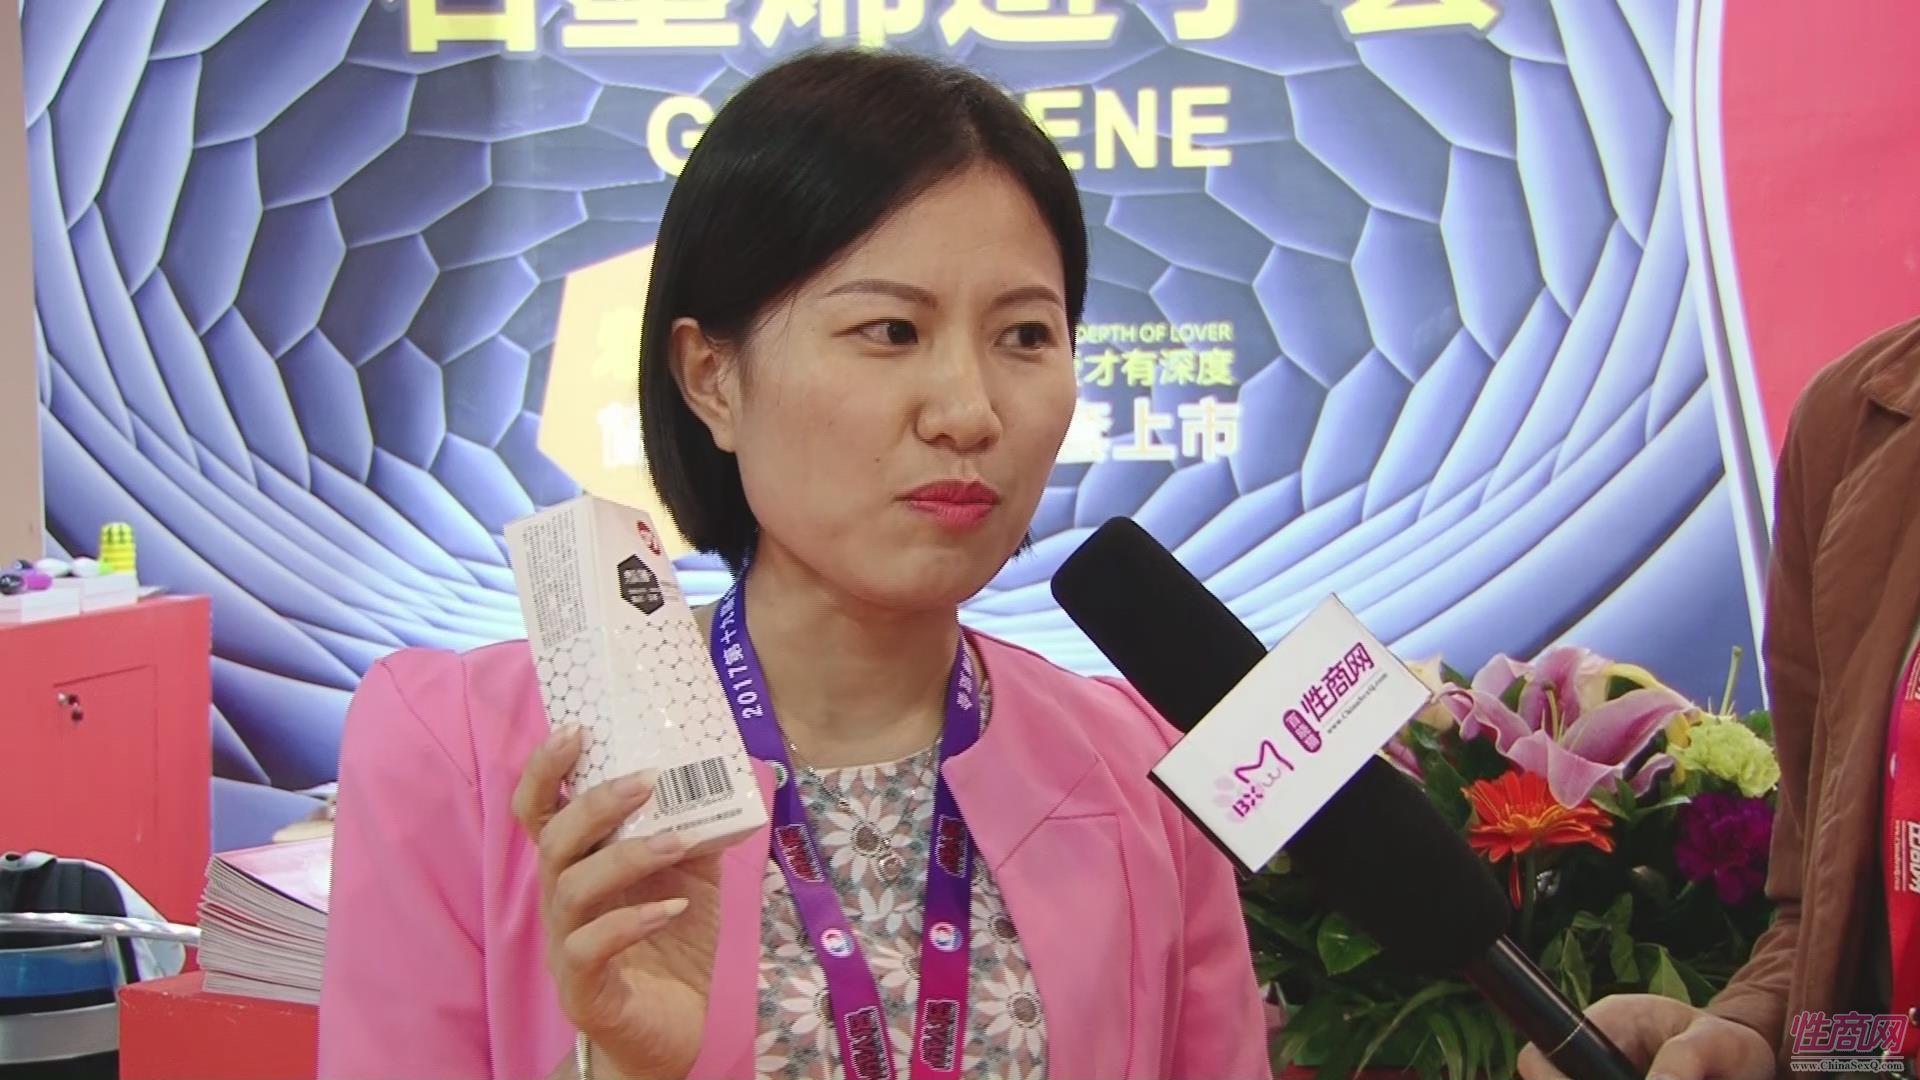 倍力乐市场经理介绍石墨烯安全套的特点